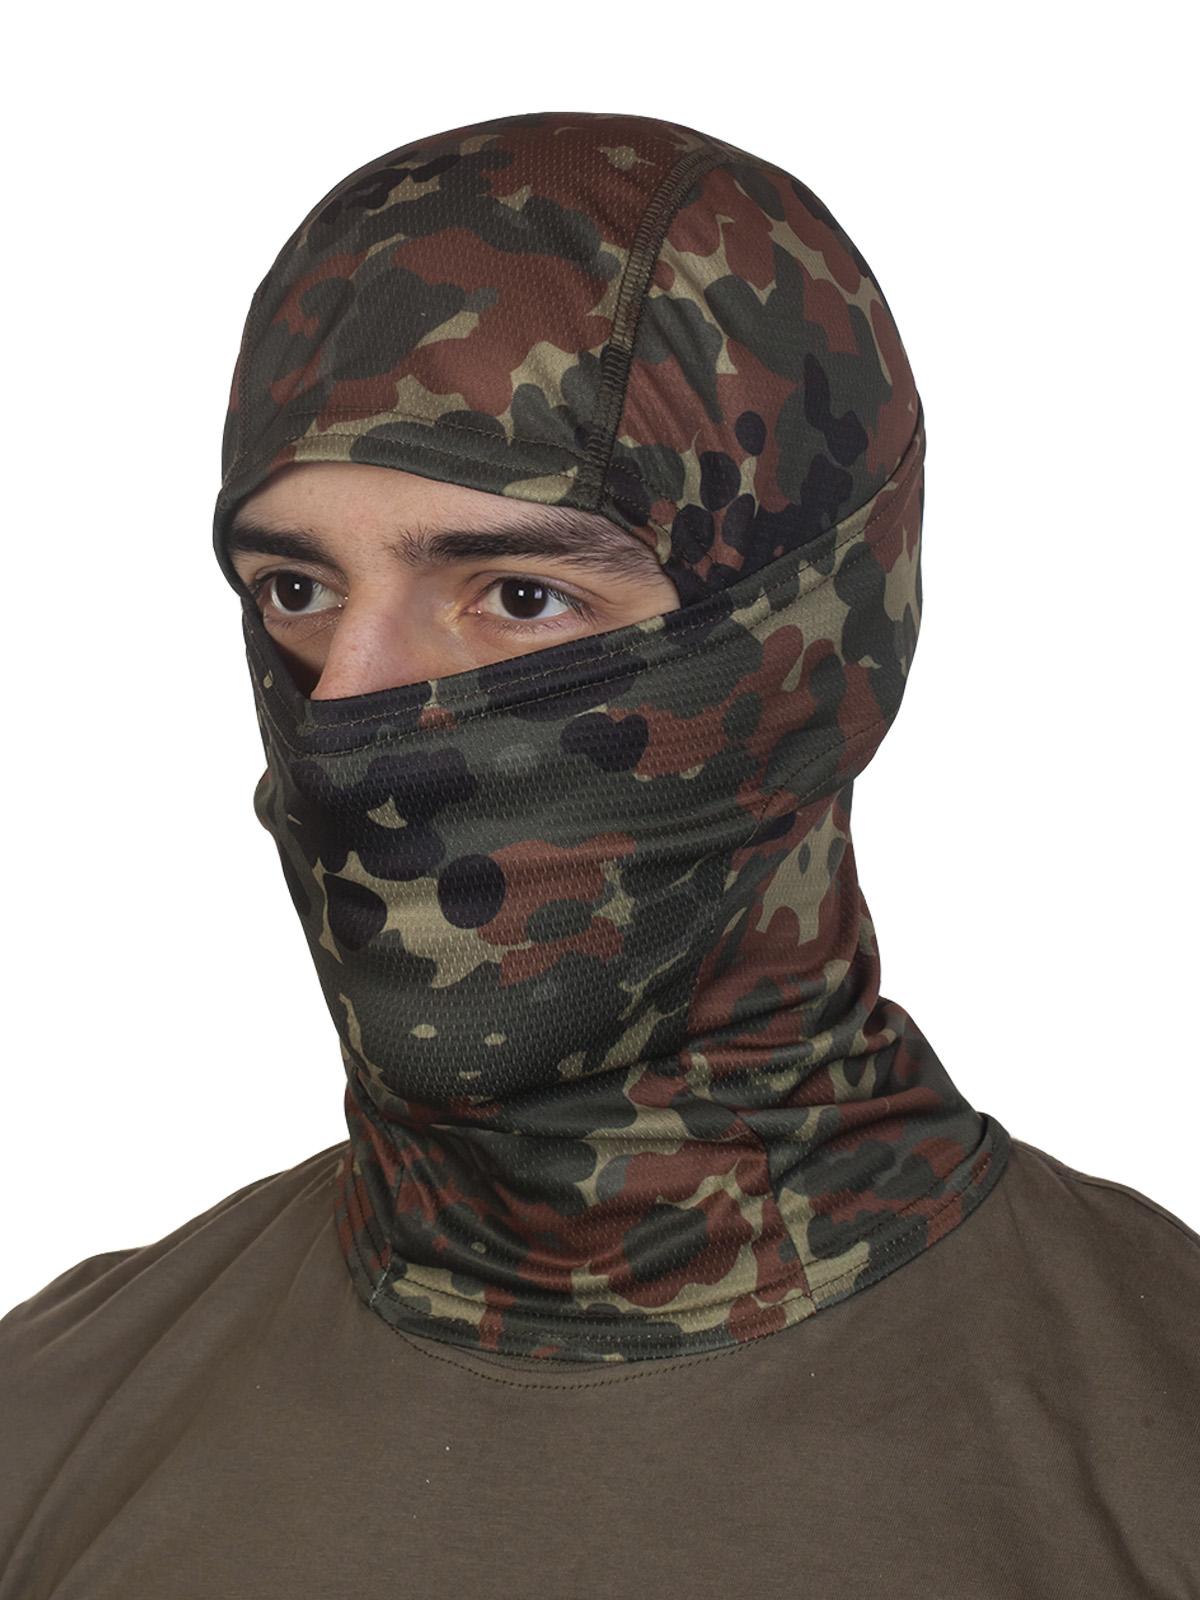 Купить в интернет магазине тактическую балаклаву в камуфляже